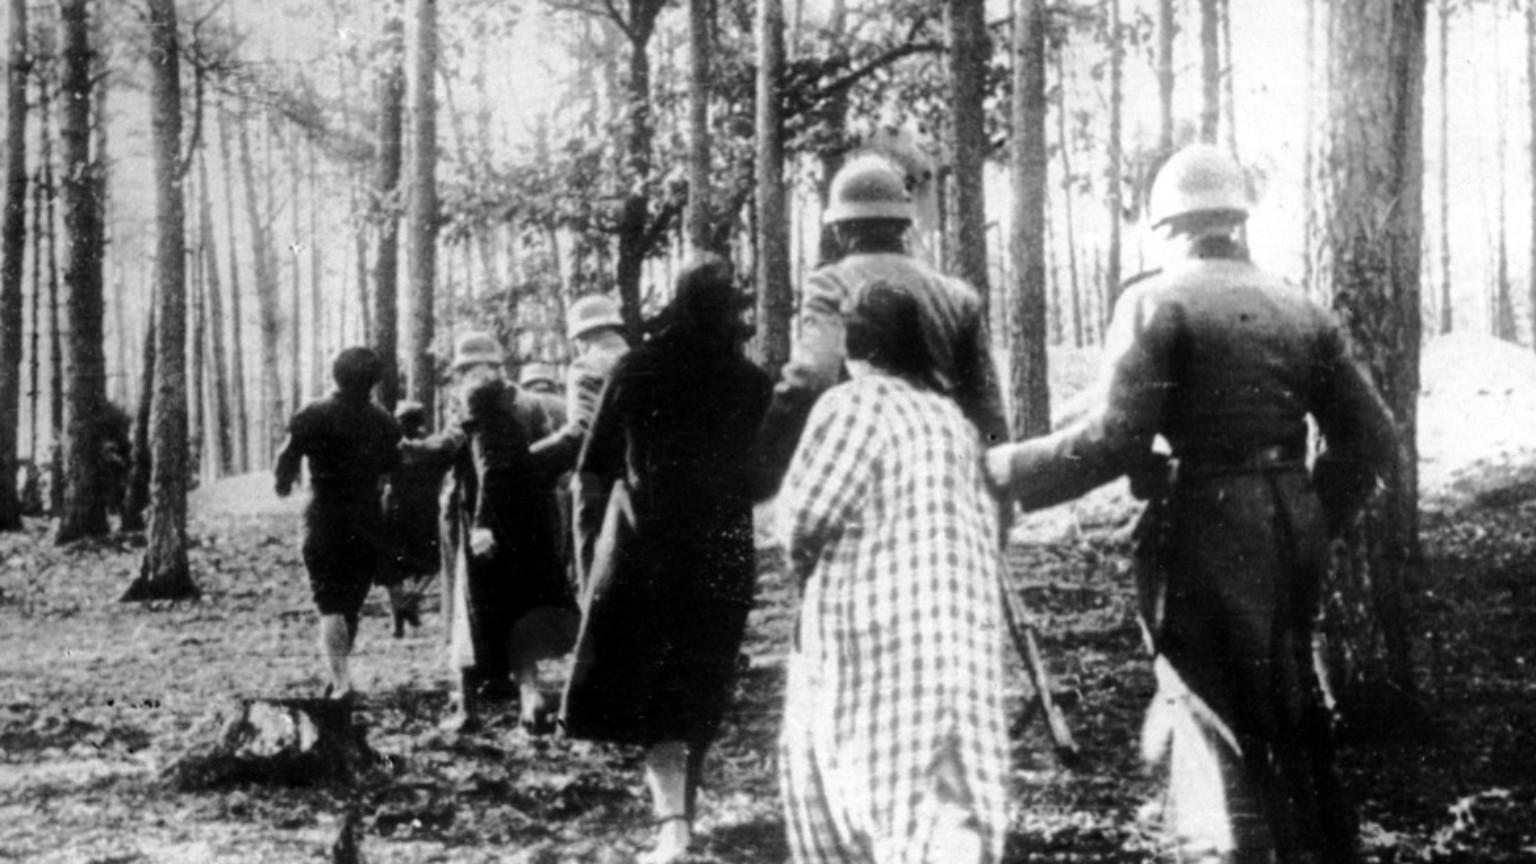 Zdjęcie dla kartki: Śmierć warszawskich elit